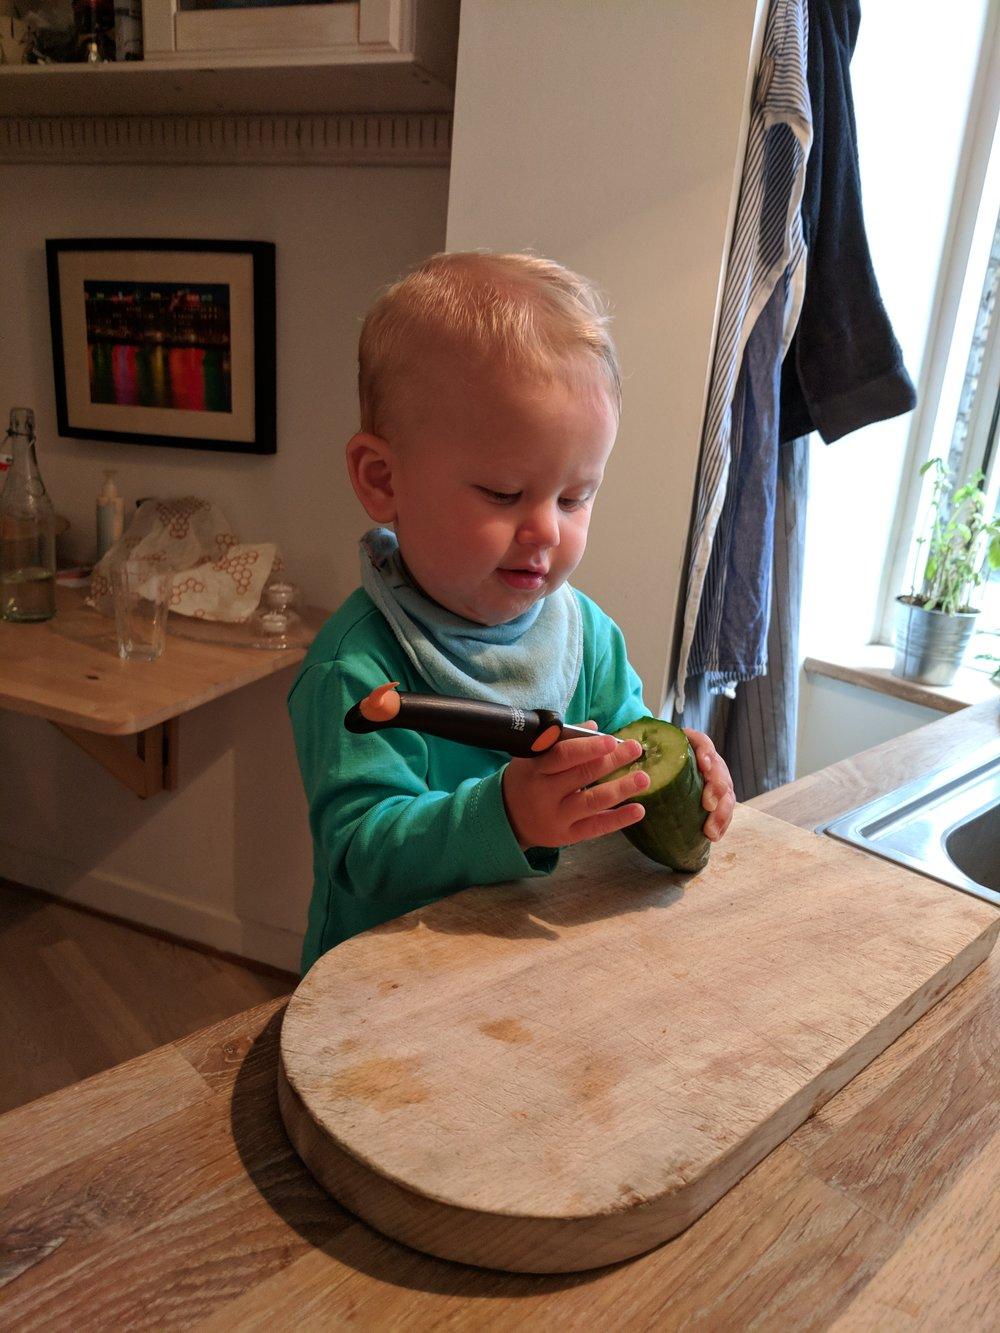 Øver sig på at bruge kniv og hjælper med madlavningen